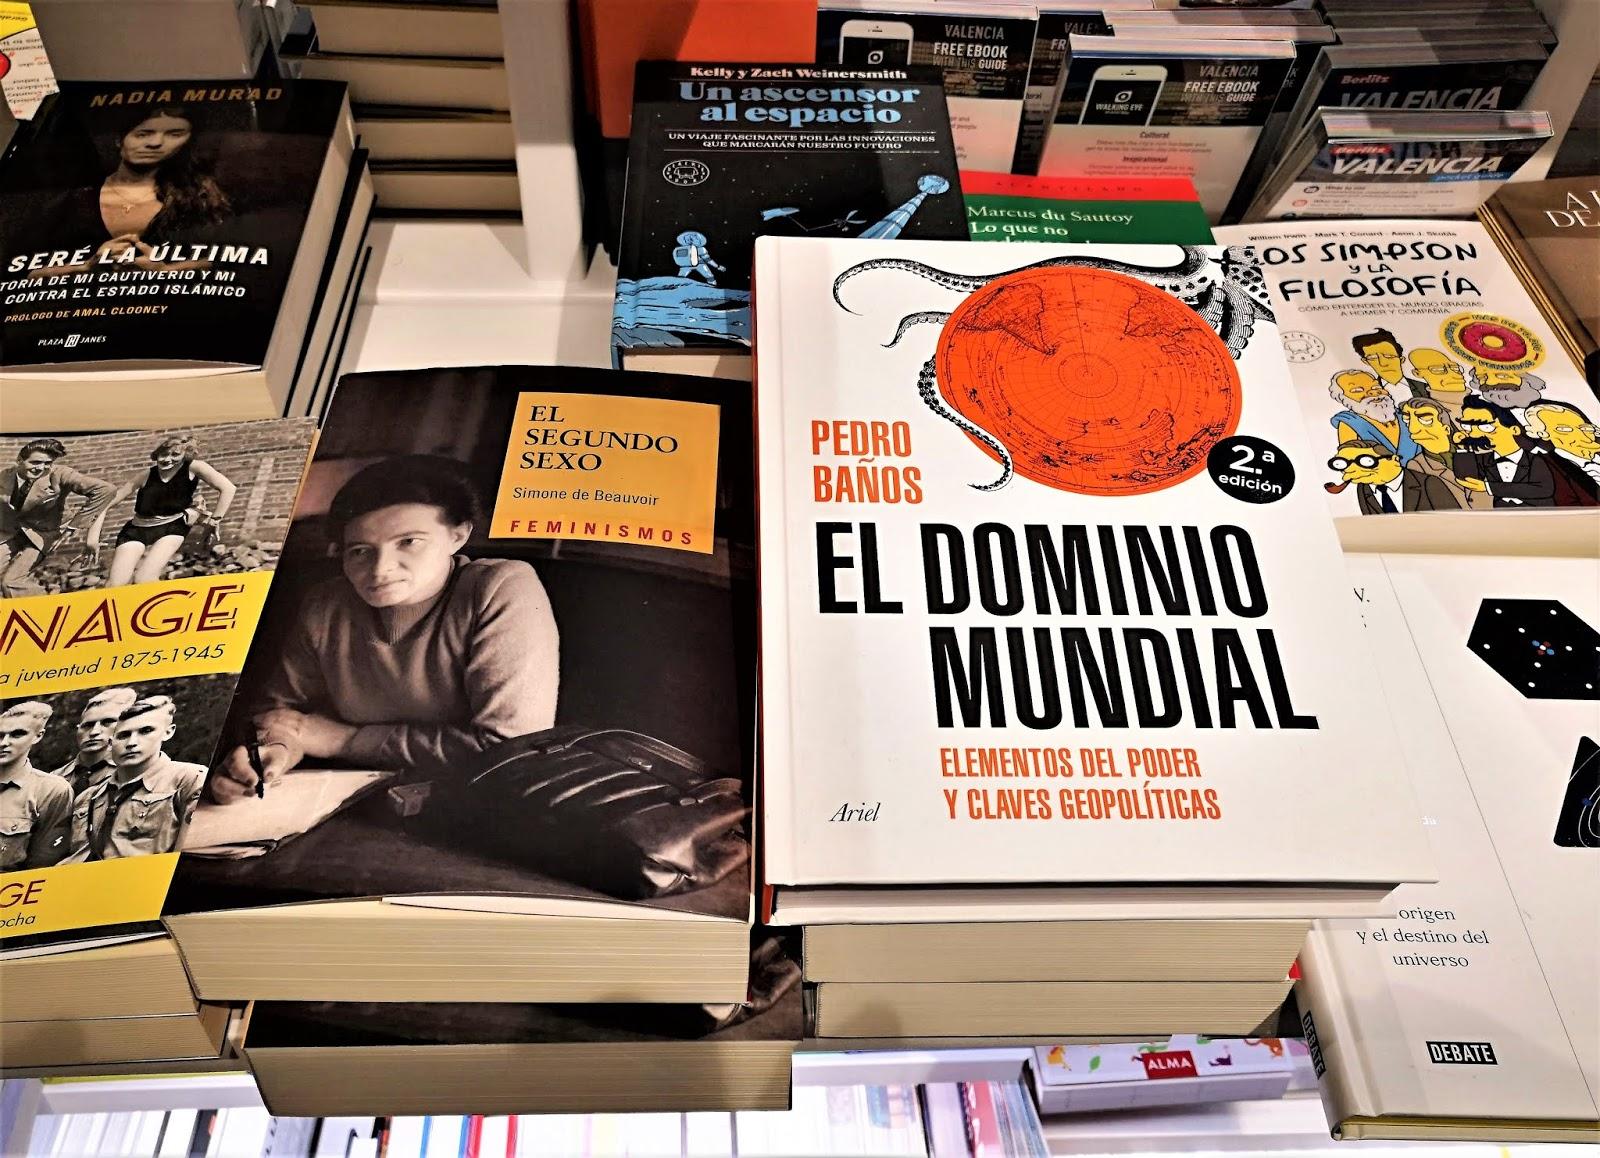 Pedro Baños, coronel del ejército español y autor de 'El Dominio Mundial'